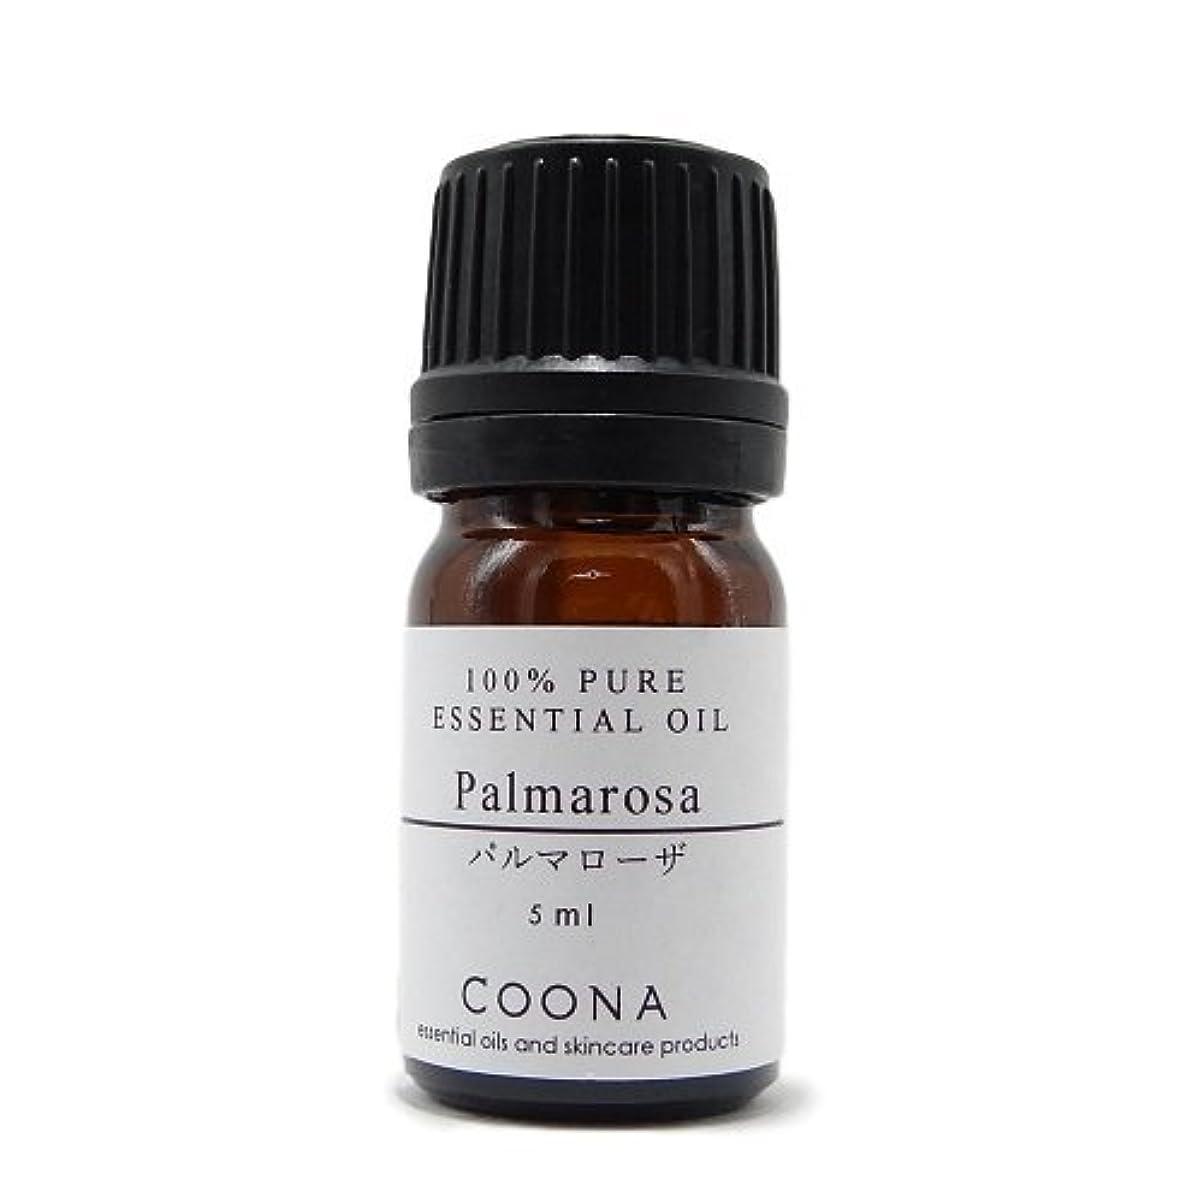 測定可能朝ごはんクライストチャーチパルマローザ 5 ml (COONA エッセンシャルオイル アロマオイル 100%天然植物精油)